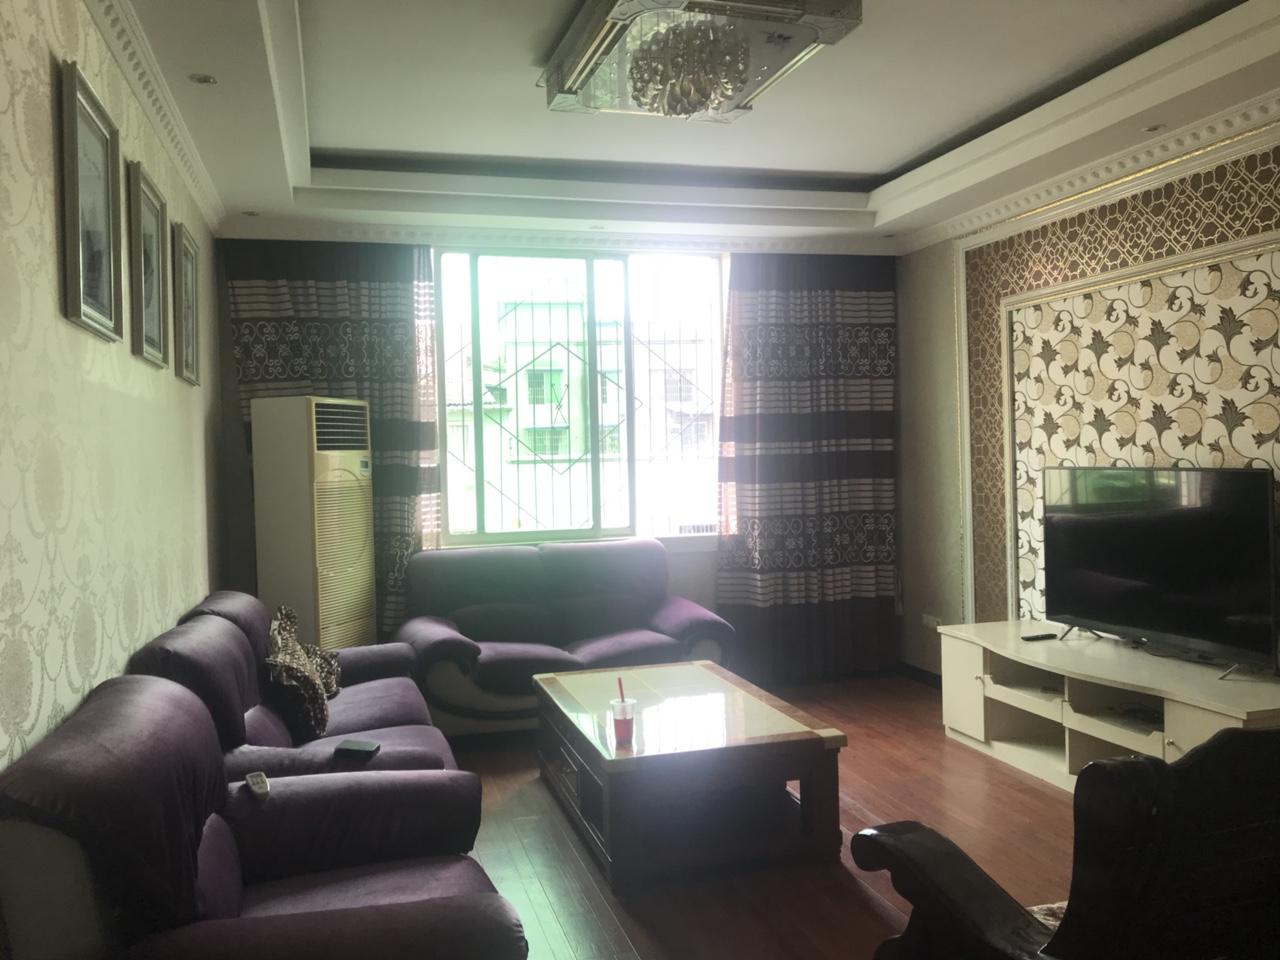 金秀公寓5楼3室2厅2卫66.8万元